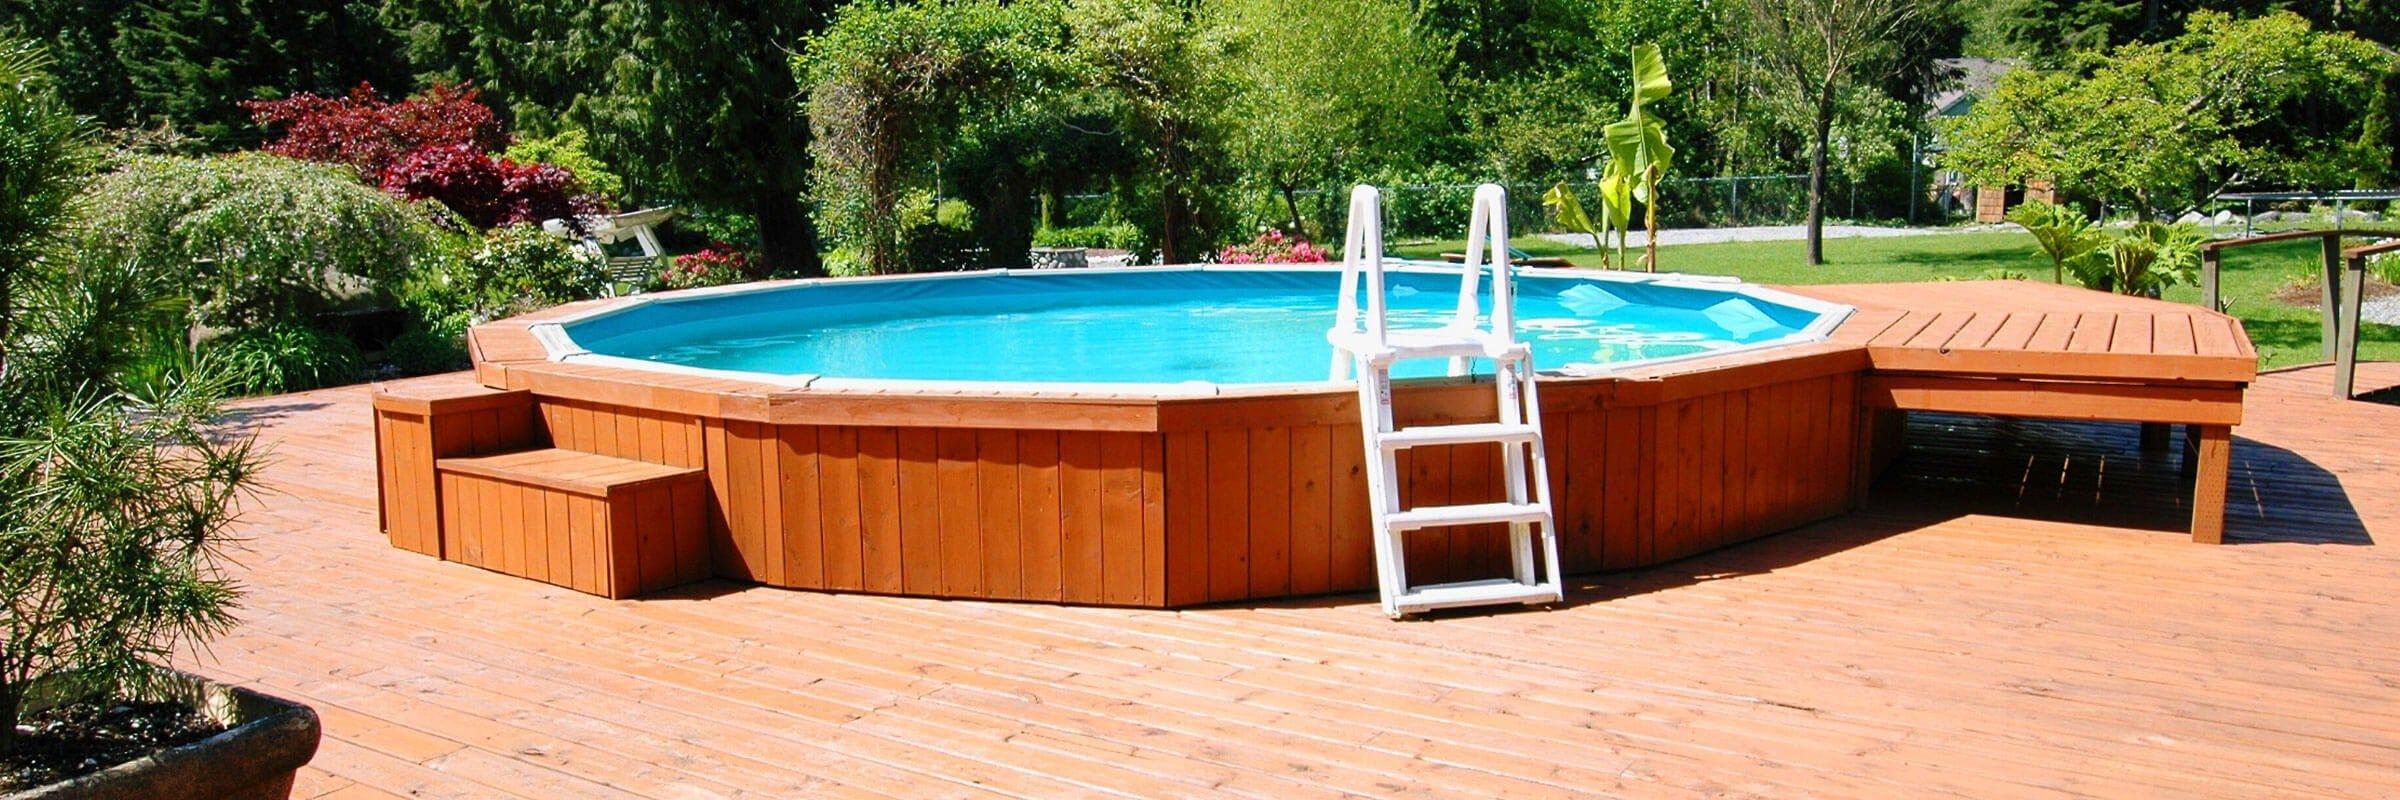 Swimming Pools In Columbus Ohio Scioto Valley